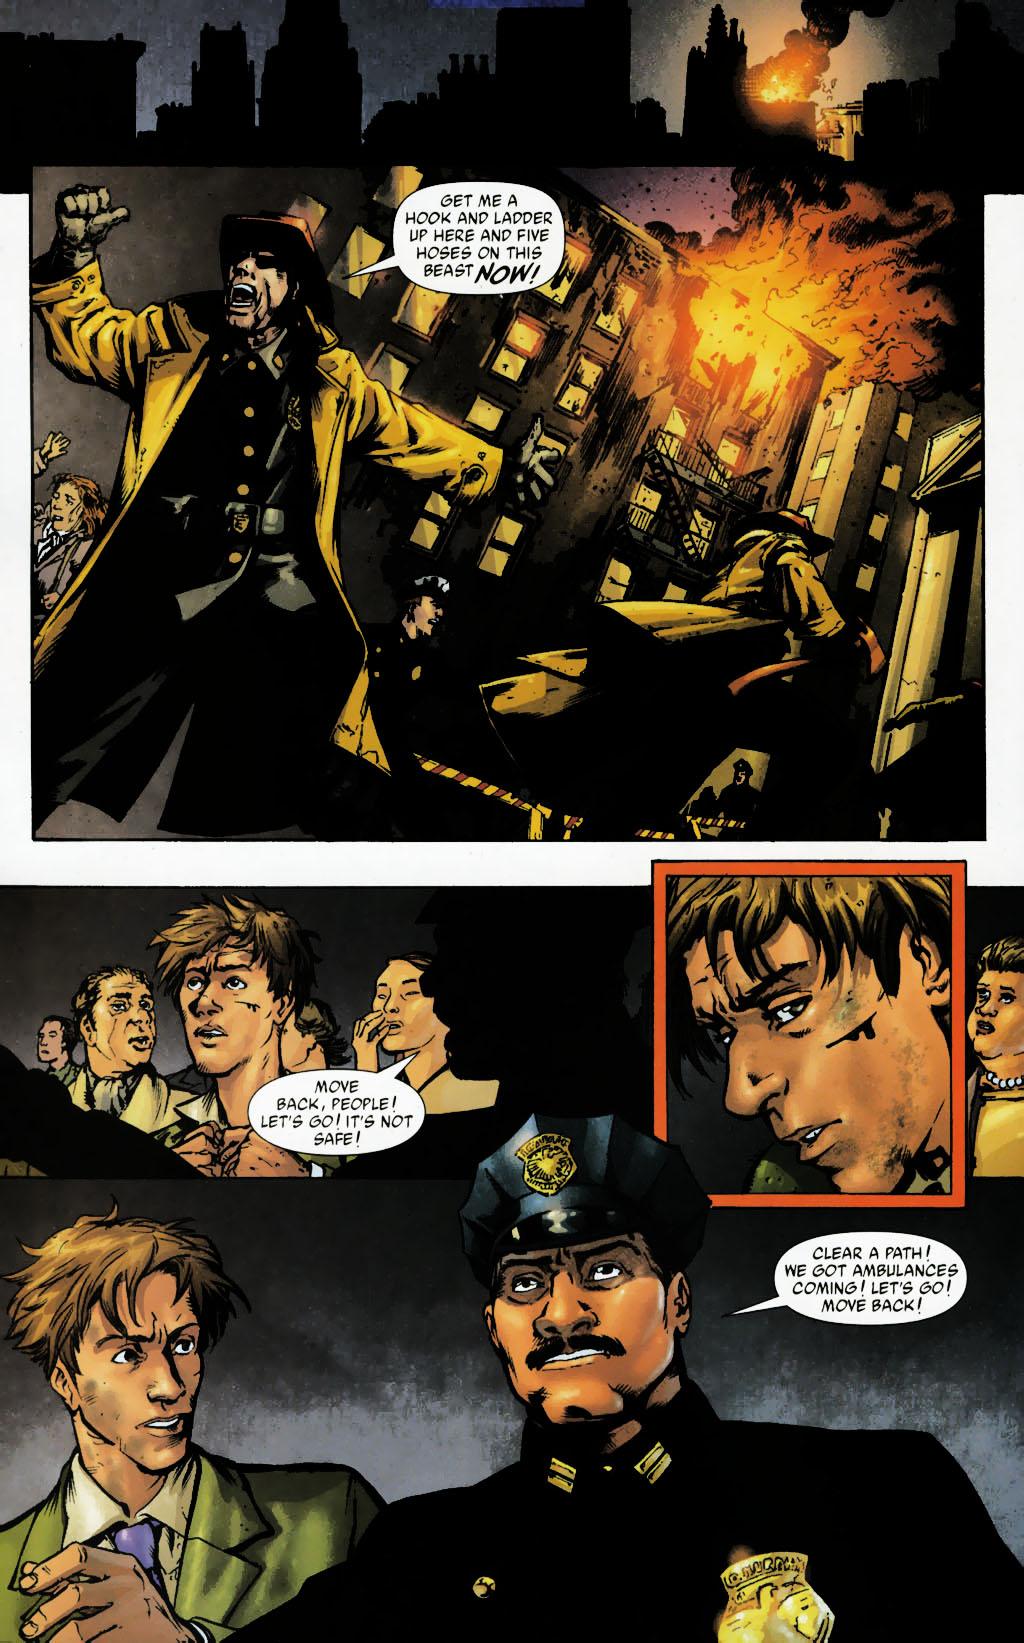 Gotham Knights 54 Jack12-37a285c